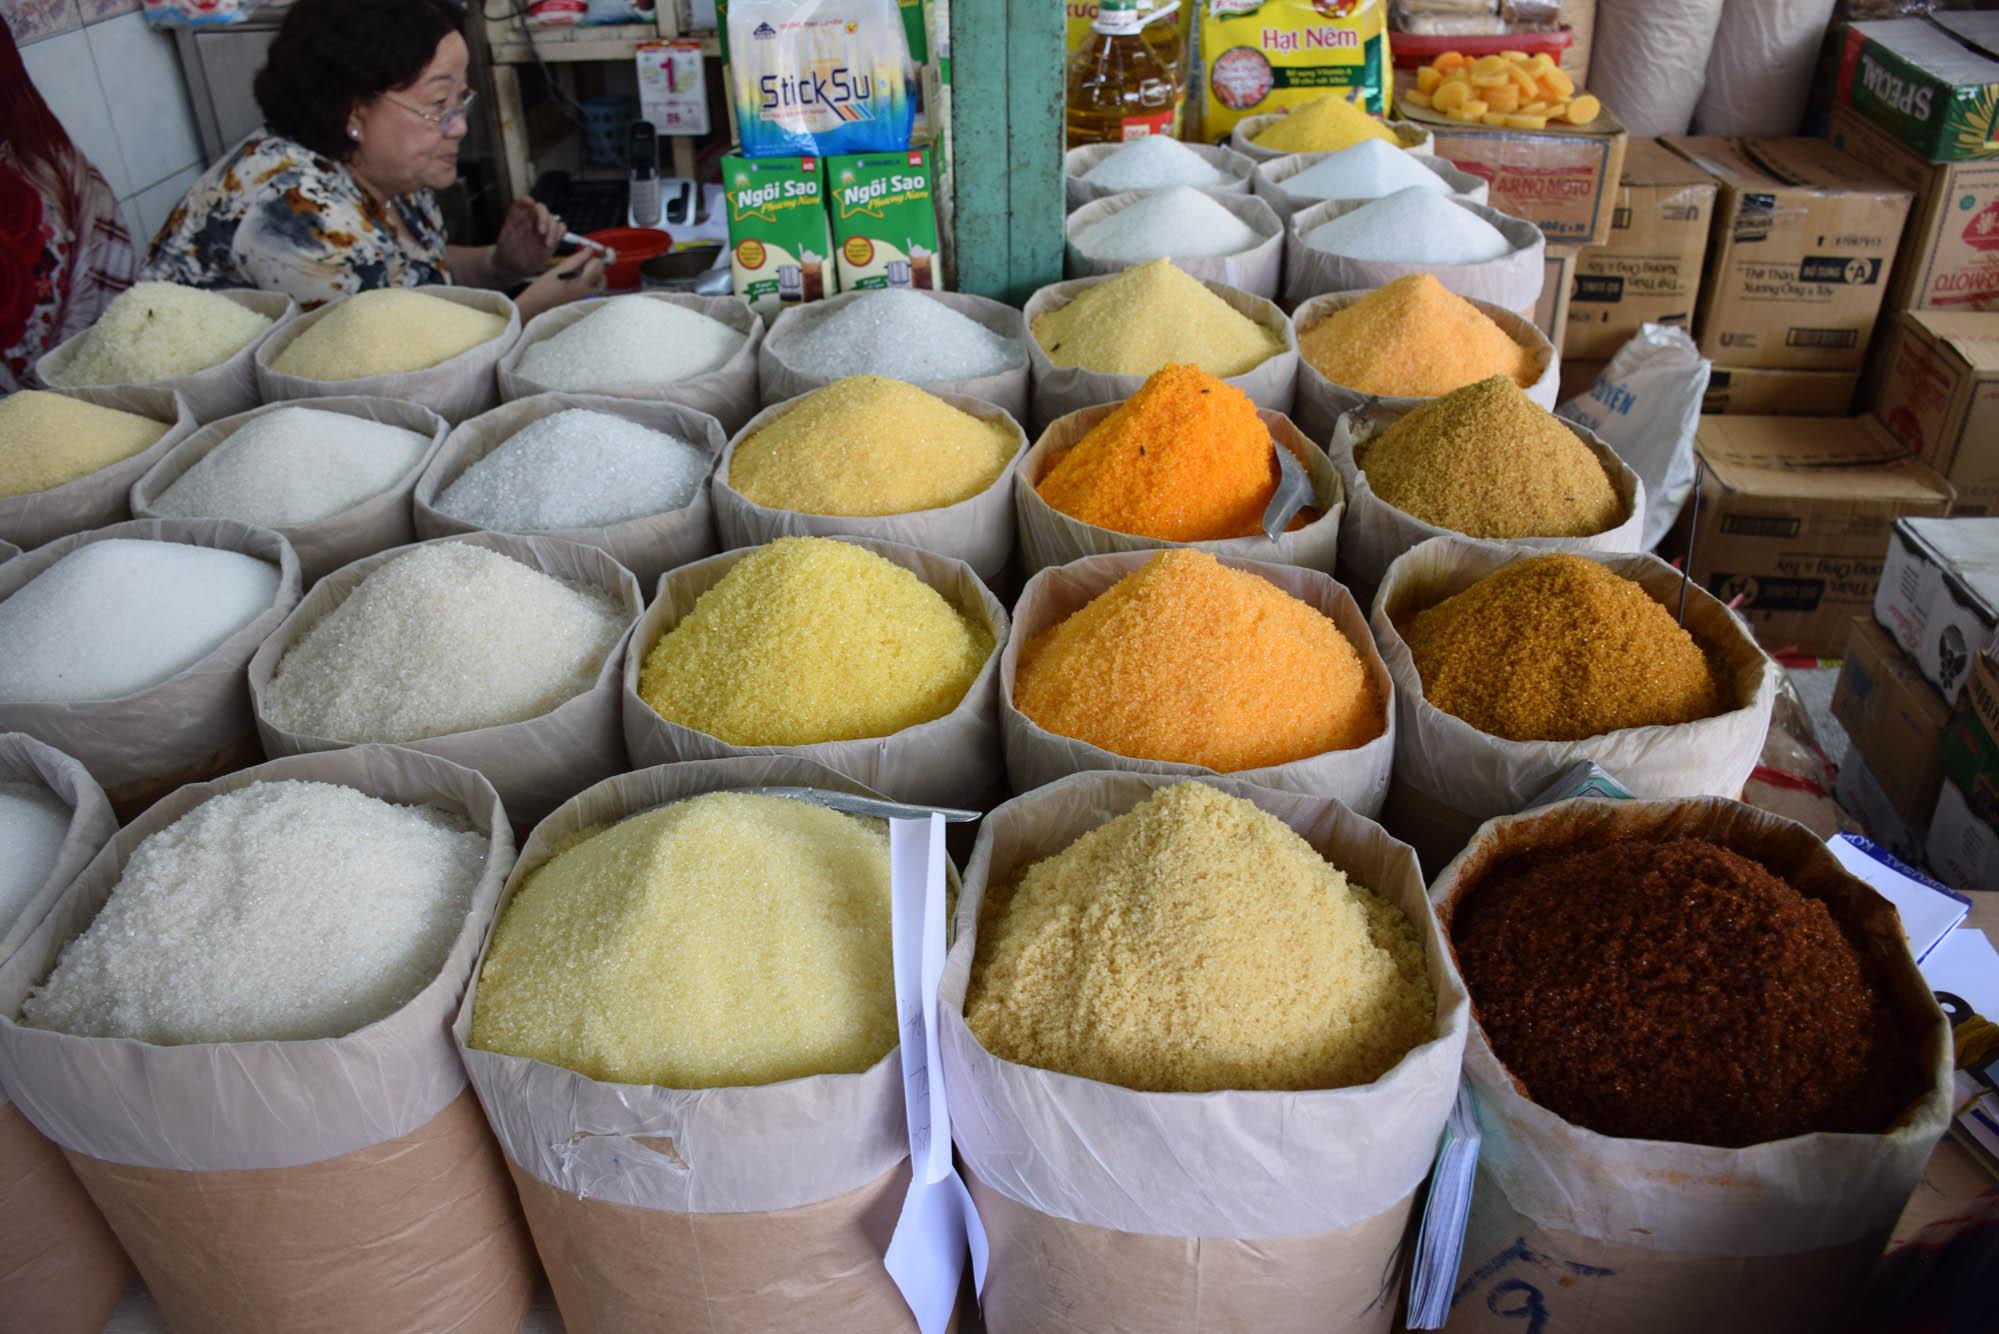 Tudo isso é AÇÚCAR!!! | Ben Thanh Market, Saigon